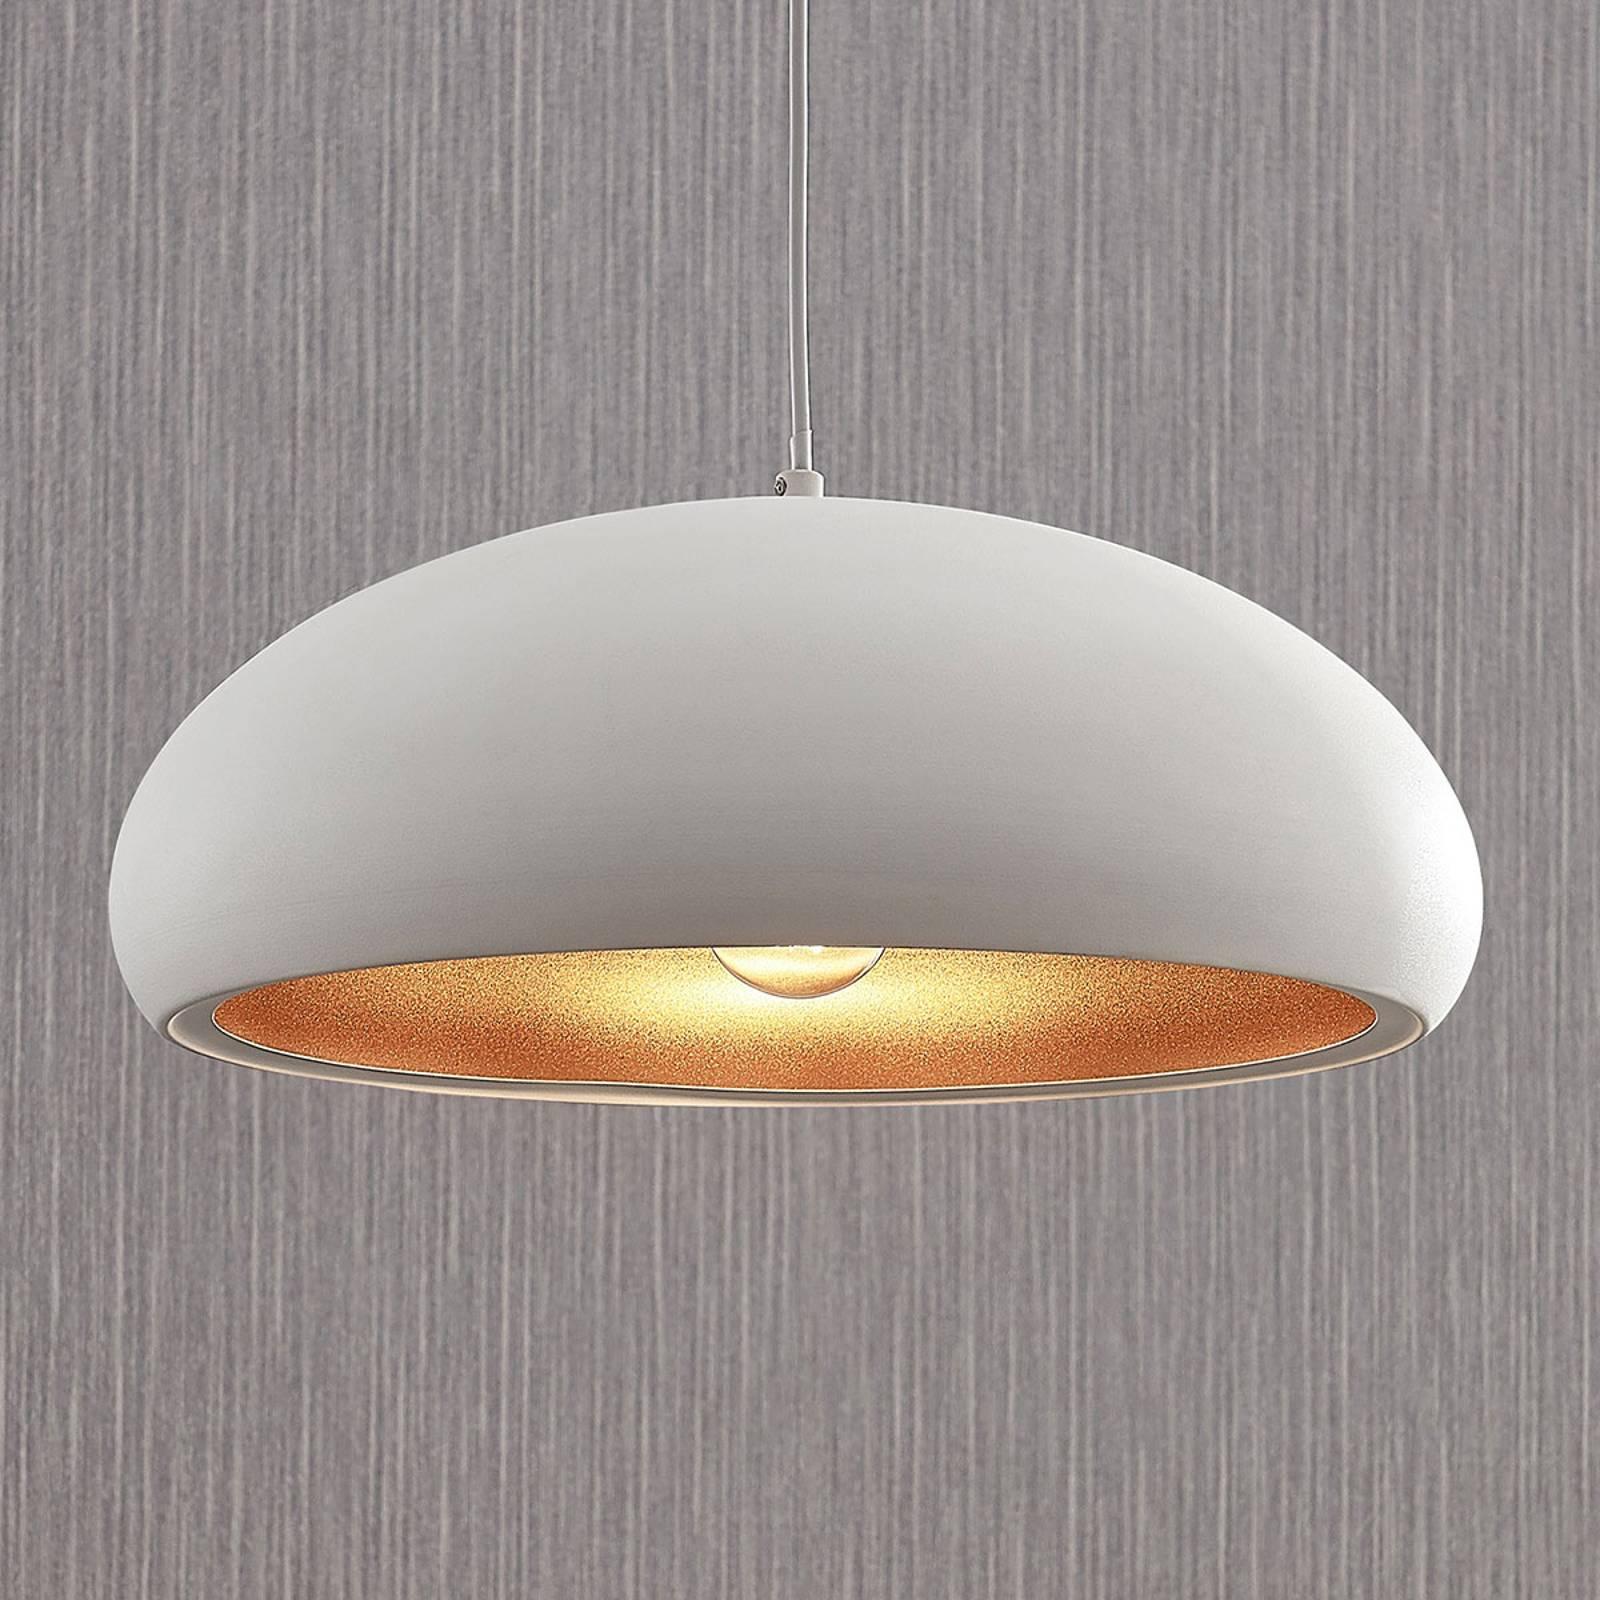 Metalowa lampa wisząca Gerwina, biało-złota